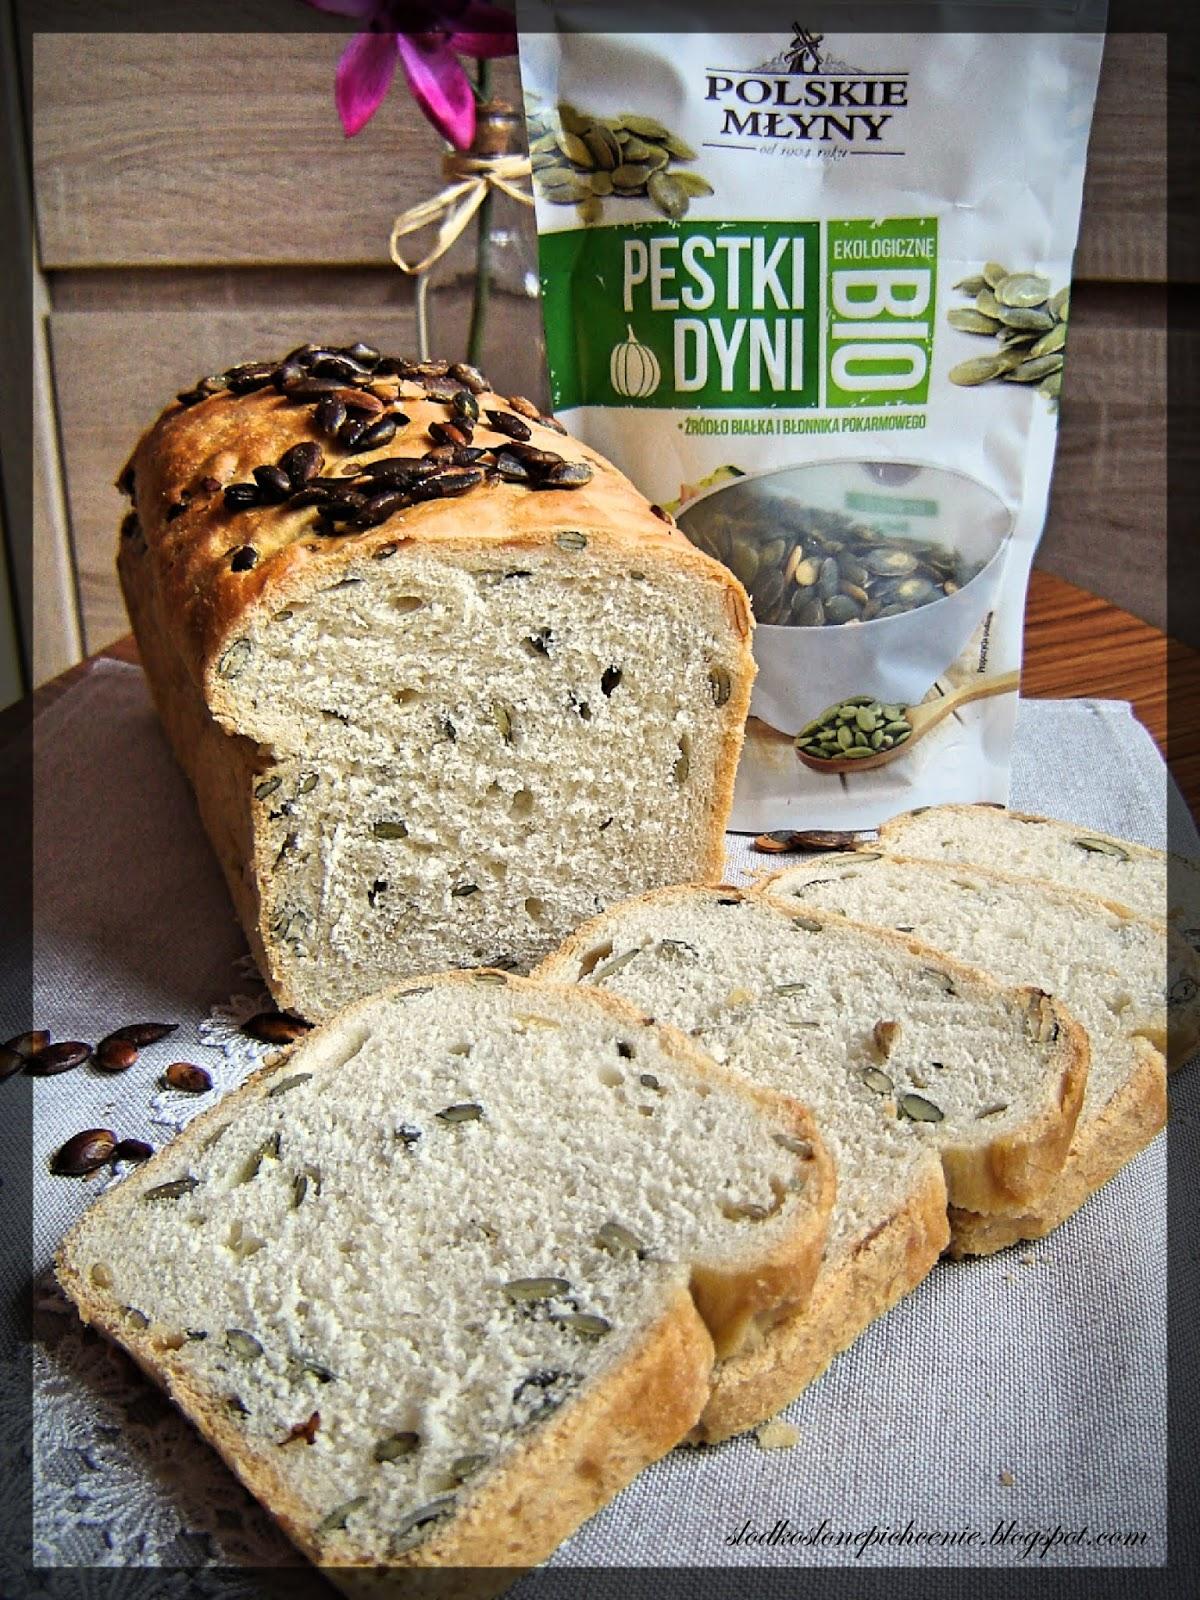 Chleb pszenny z pestkami dyni